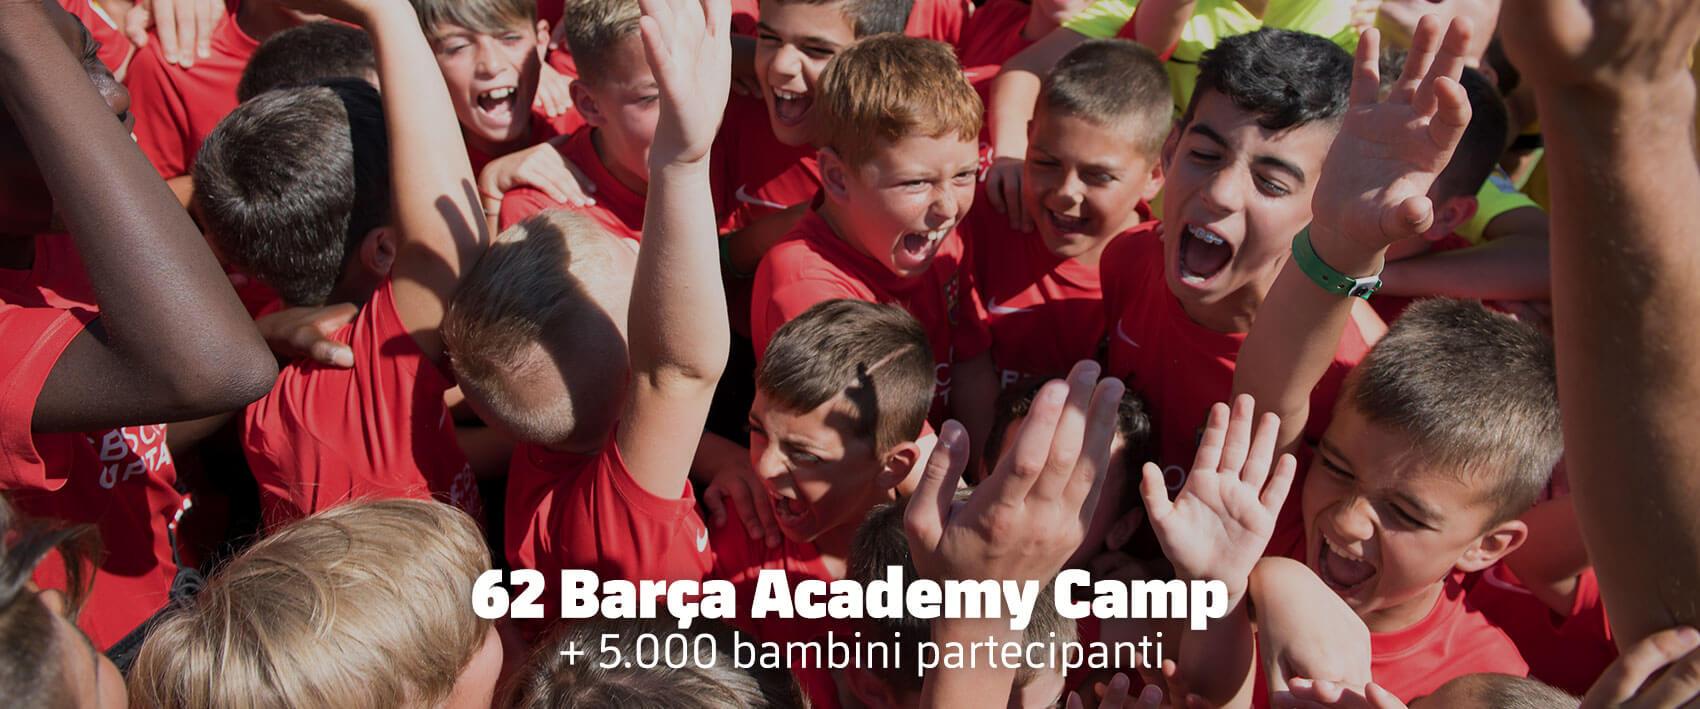 Barca Academy Camp